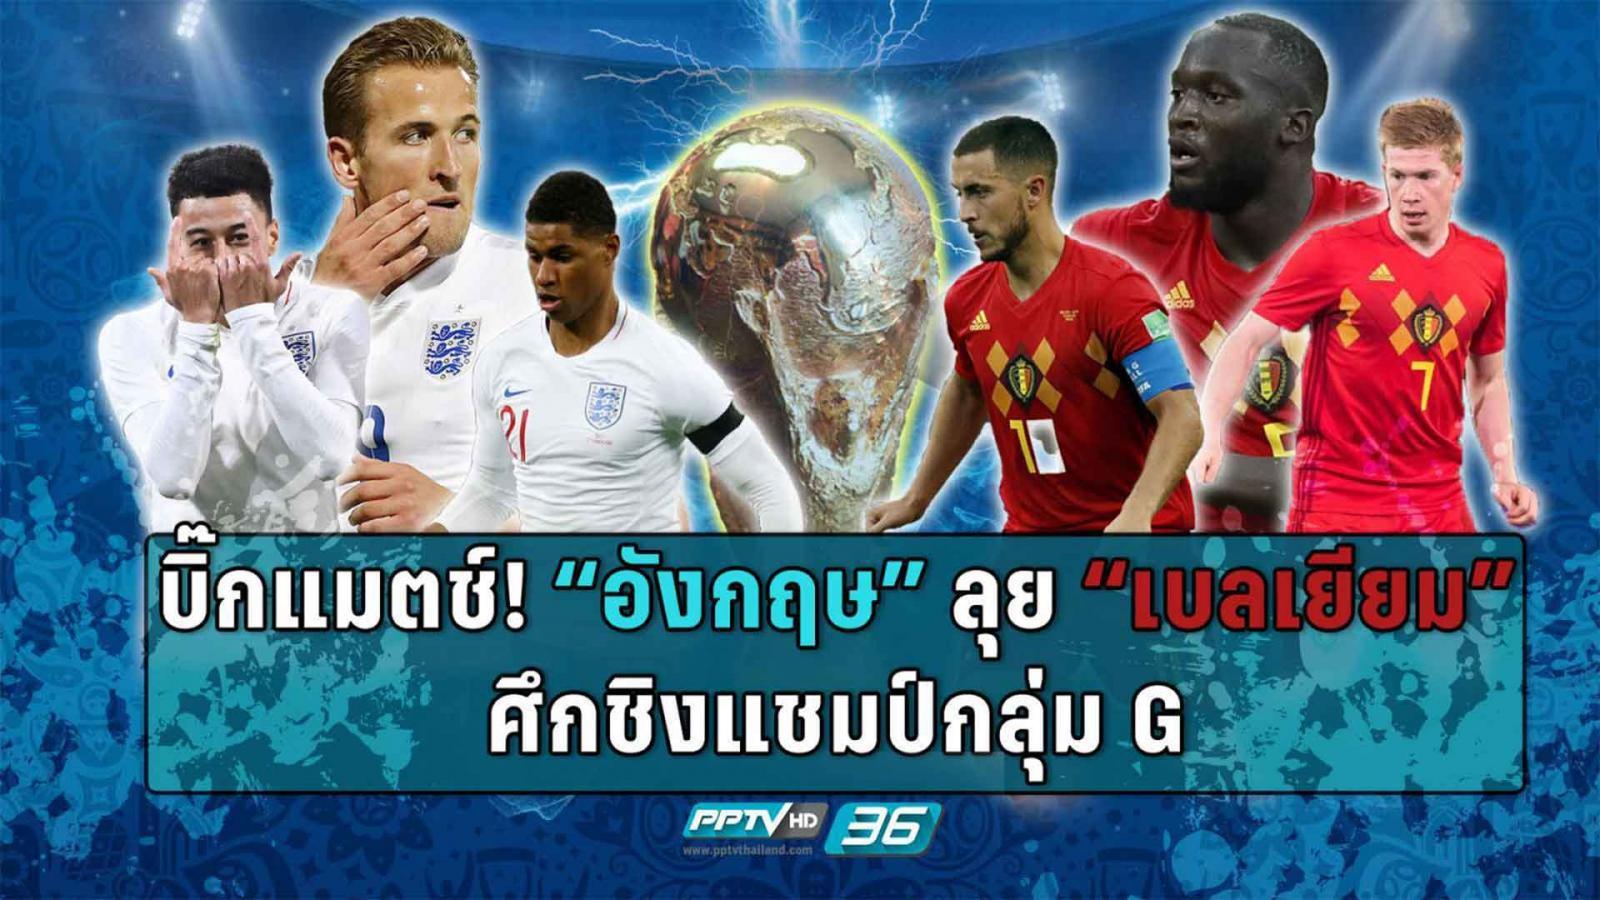 เป่าฟาวล์ เขี่ยบอลโลก   อังกฤษหรือเบลเยี่ยม ใครจะเข้าที่สอง!!    28 มิ.ย. 61